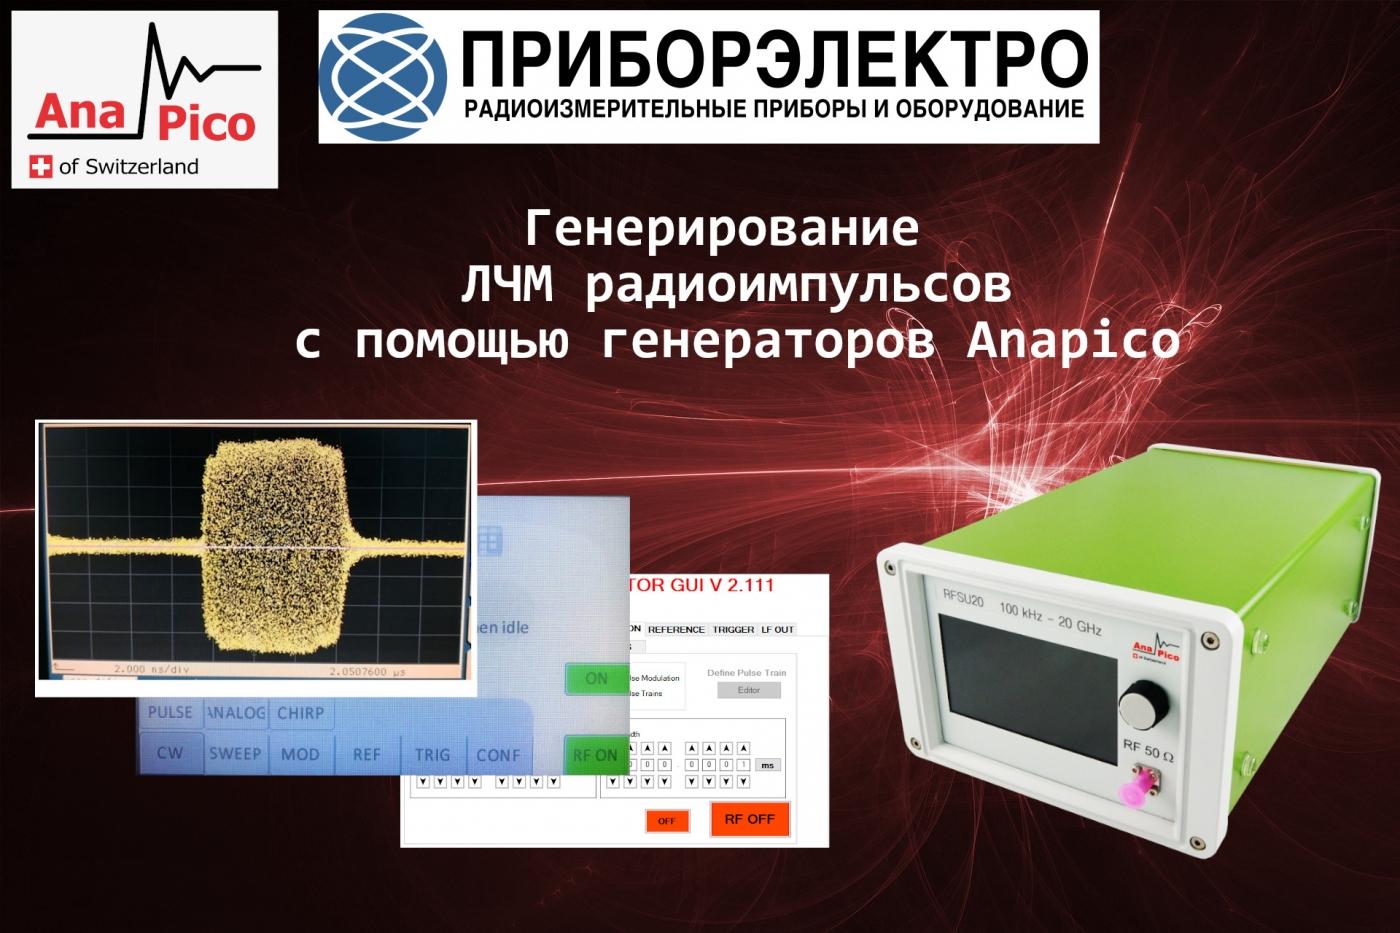 Генерирование ЛЧМ радиоимпульсов с помощью генераторов Anapico RFSG и RFSU серии